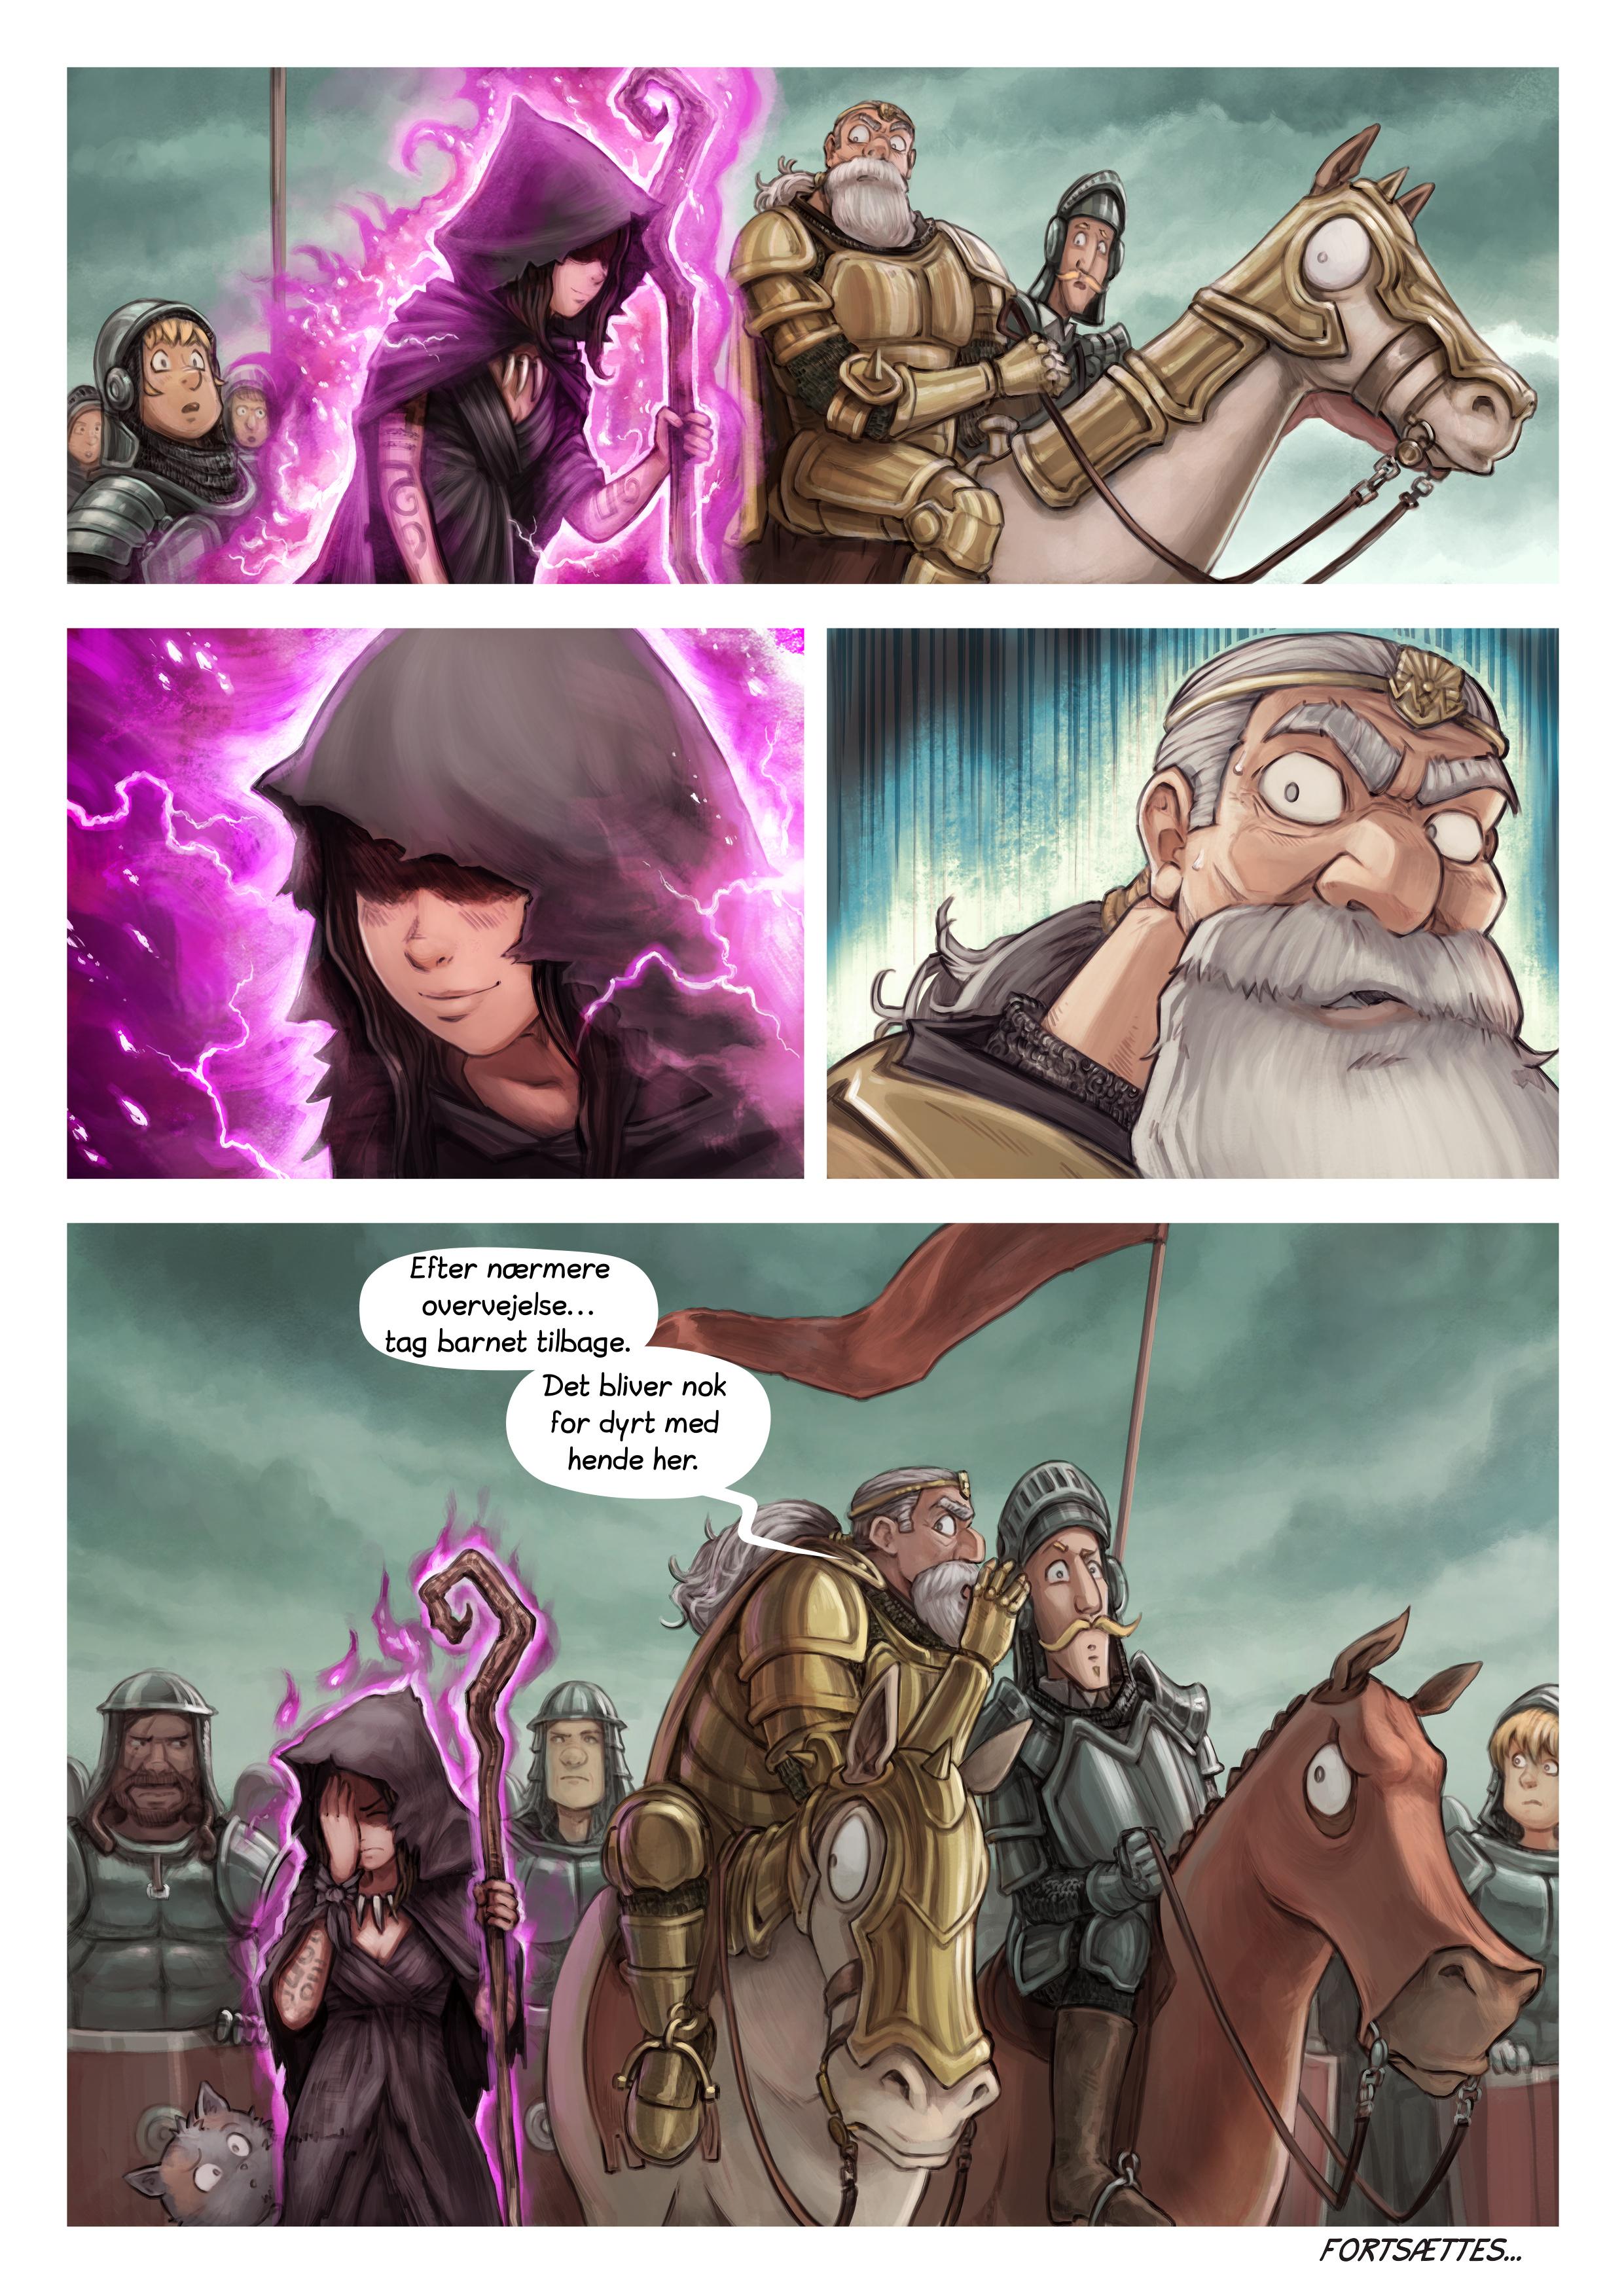 Episode 32: Slagmarken, Page 7